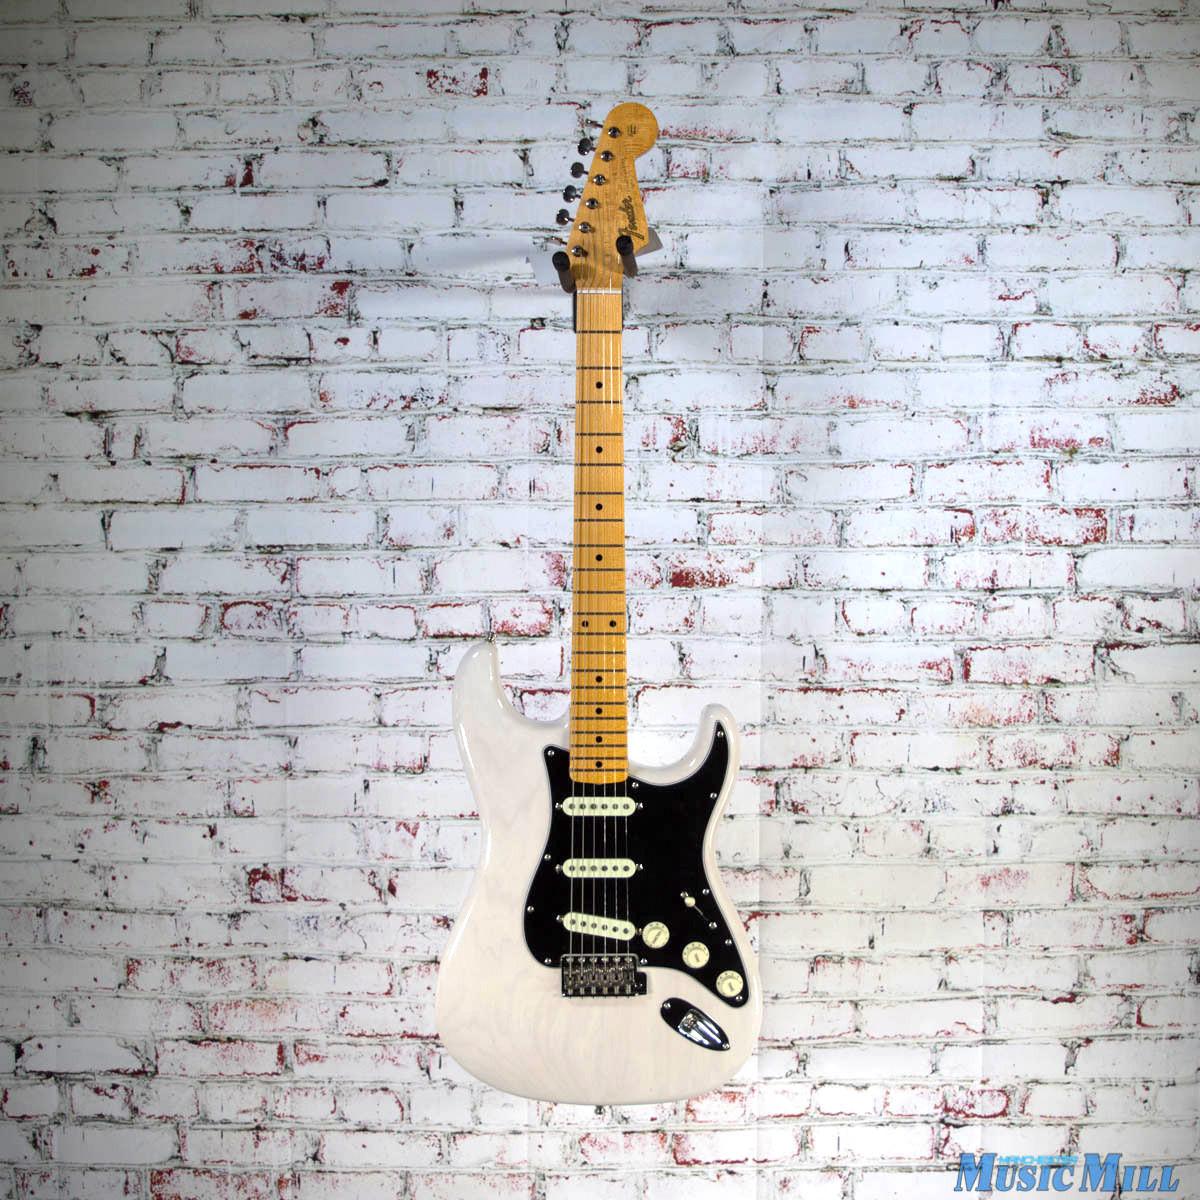 Fender Custom Shop Postmodern NOS Stratocaster White Blonde